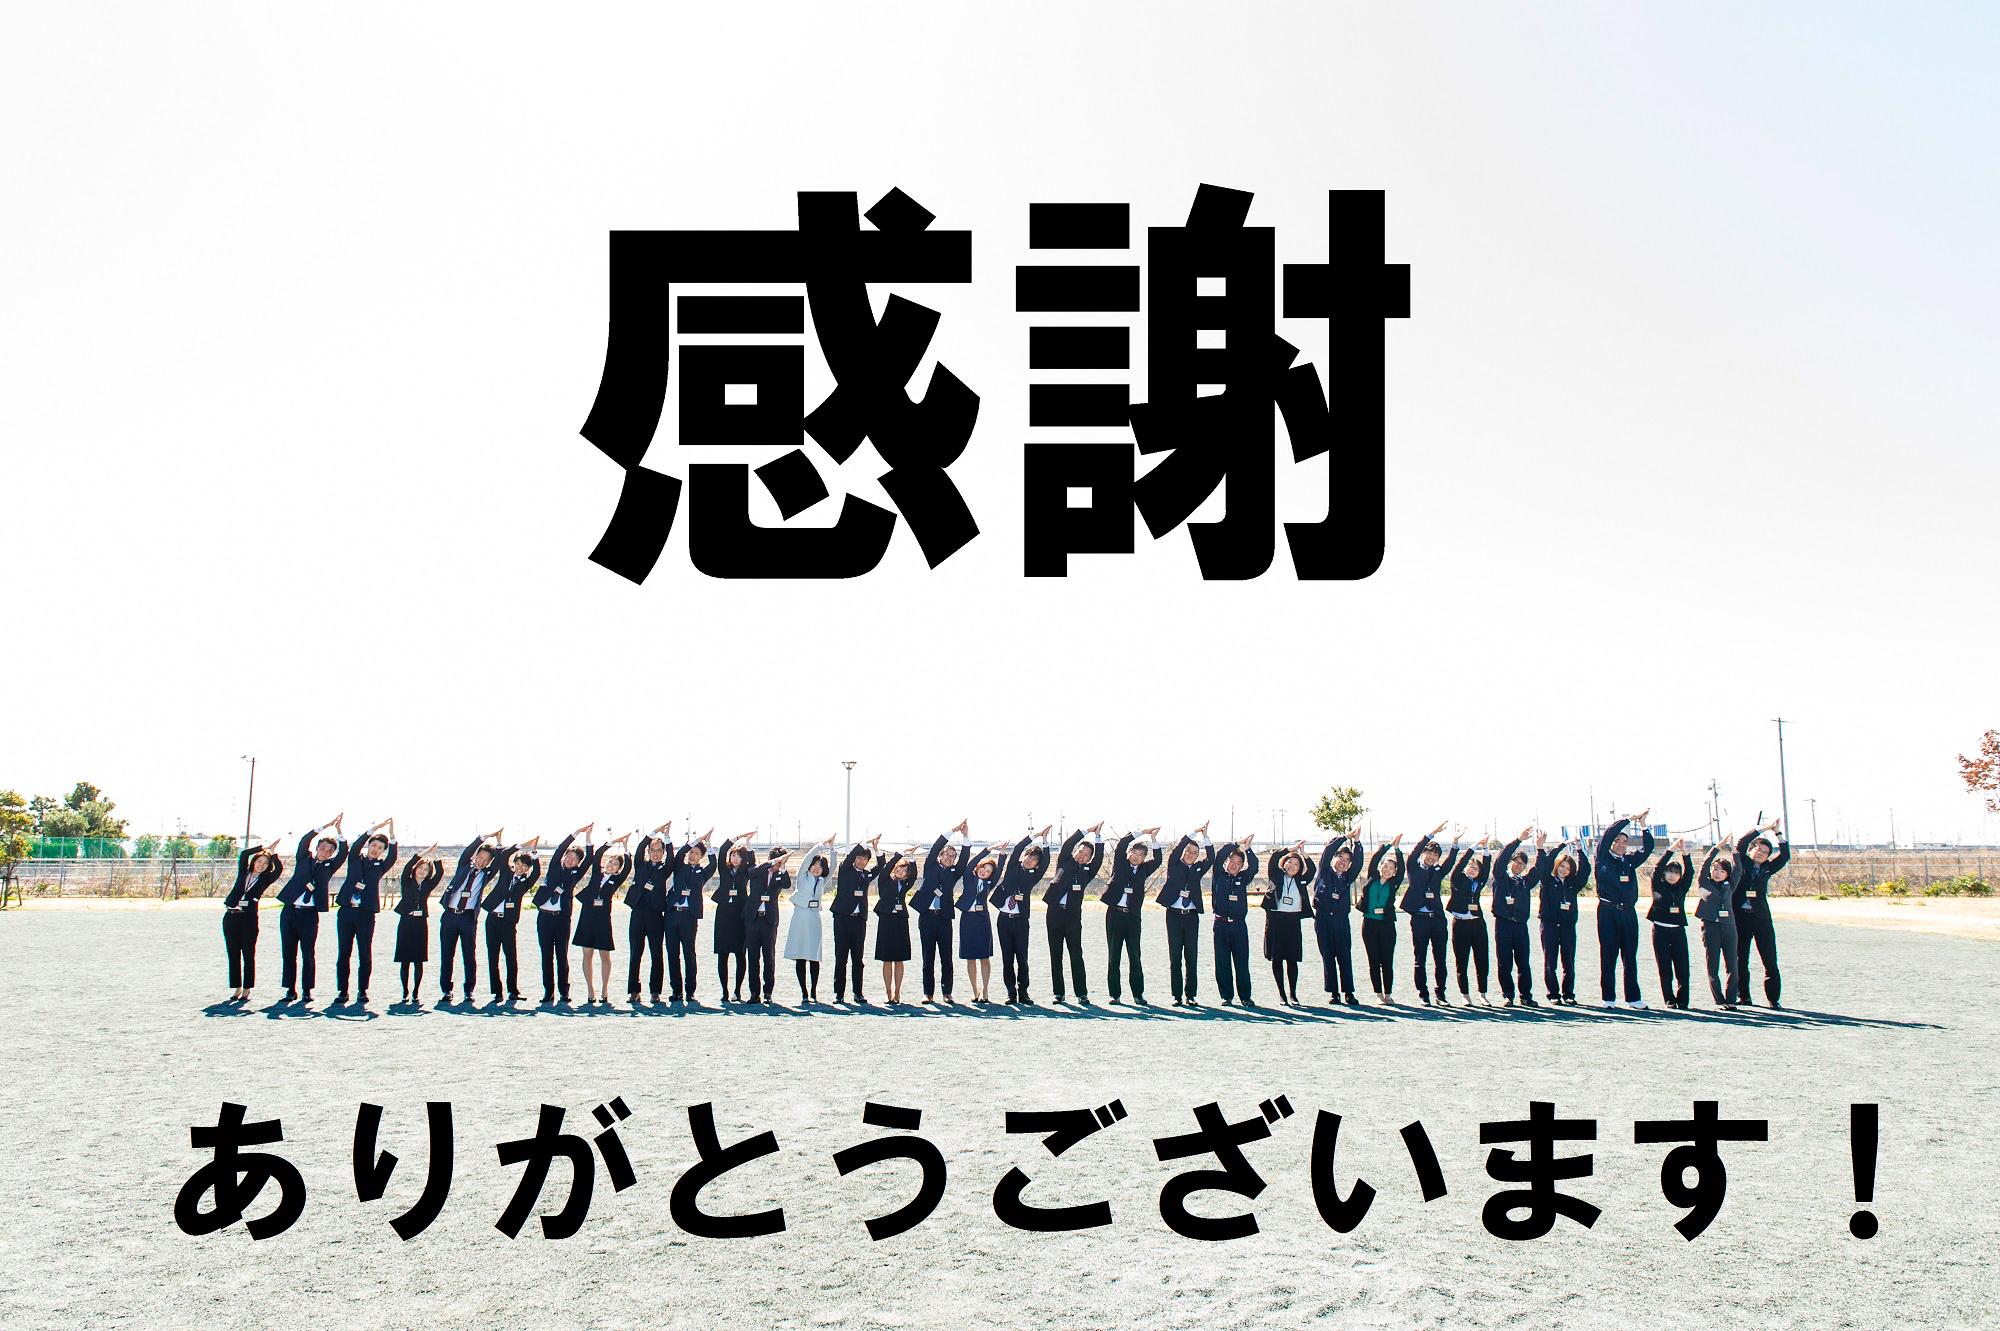 アキュラホーム浜松より感謝の気持ちを込めて〜年末のご挨拶〜